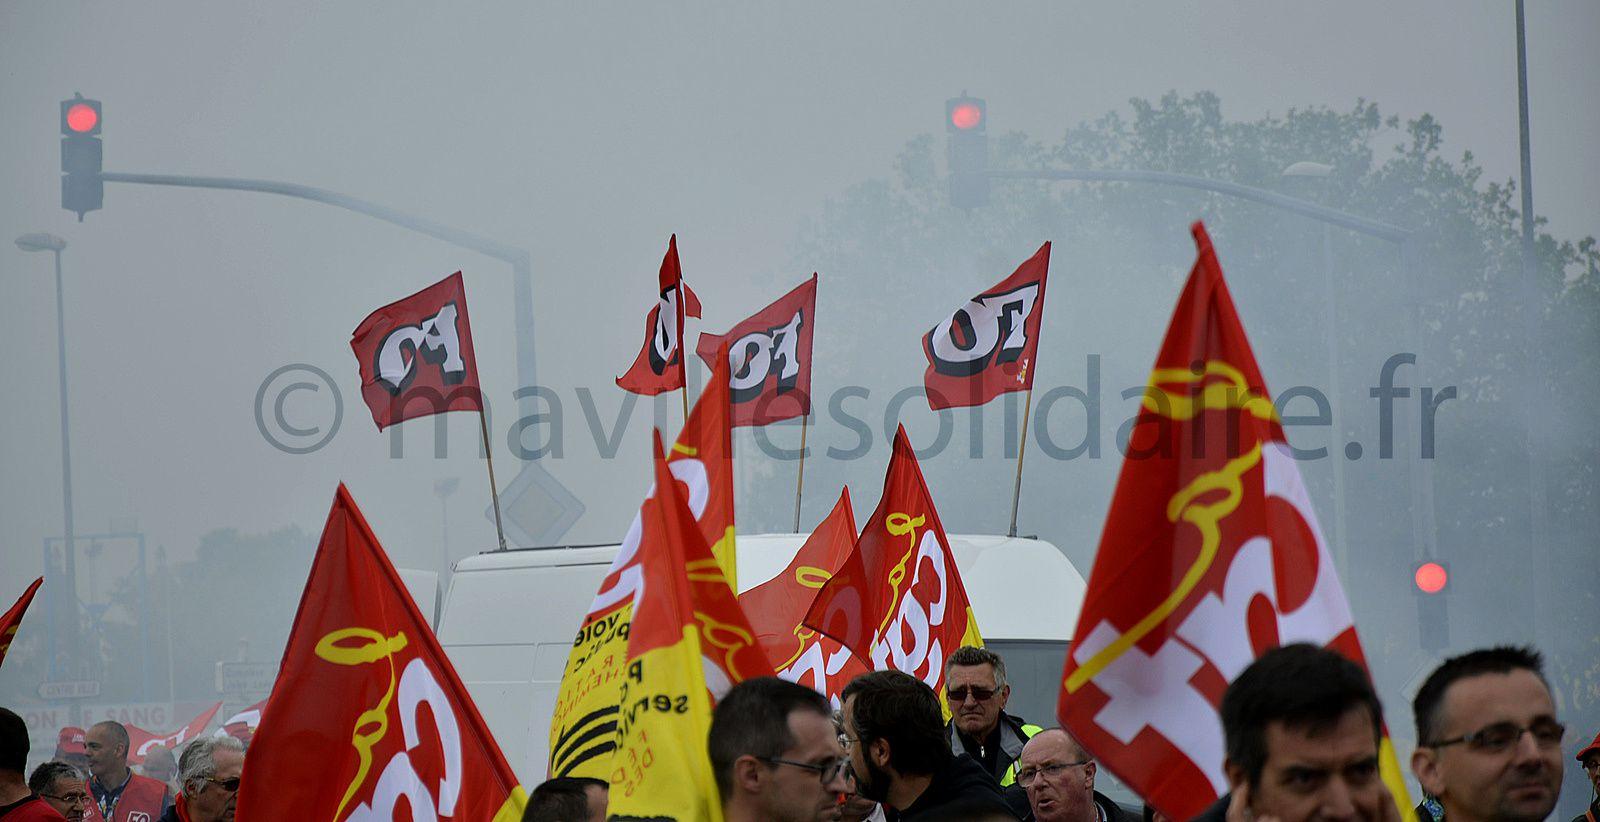 La Roche-sur-Yon. Loi travail 500 manifestants.